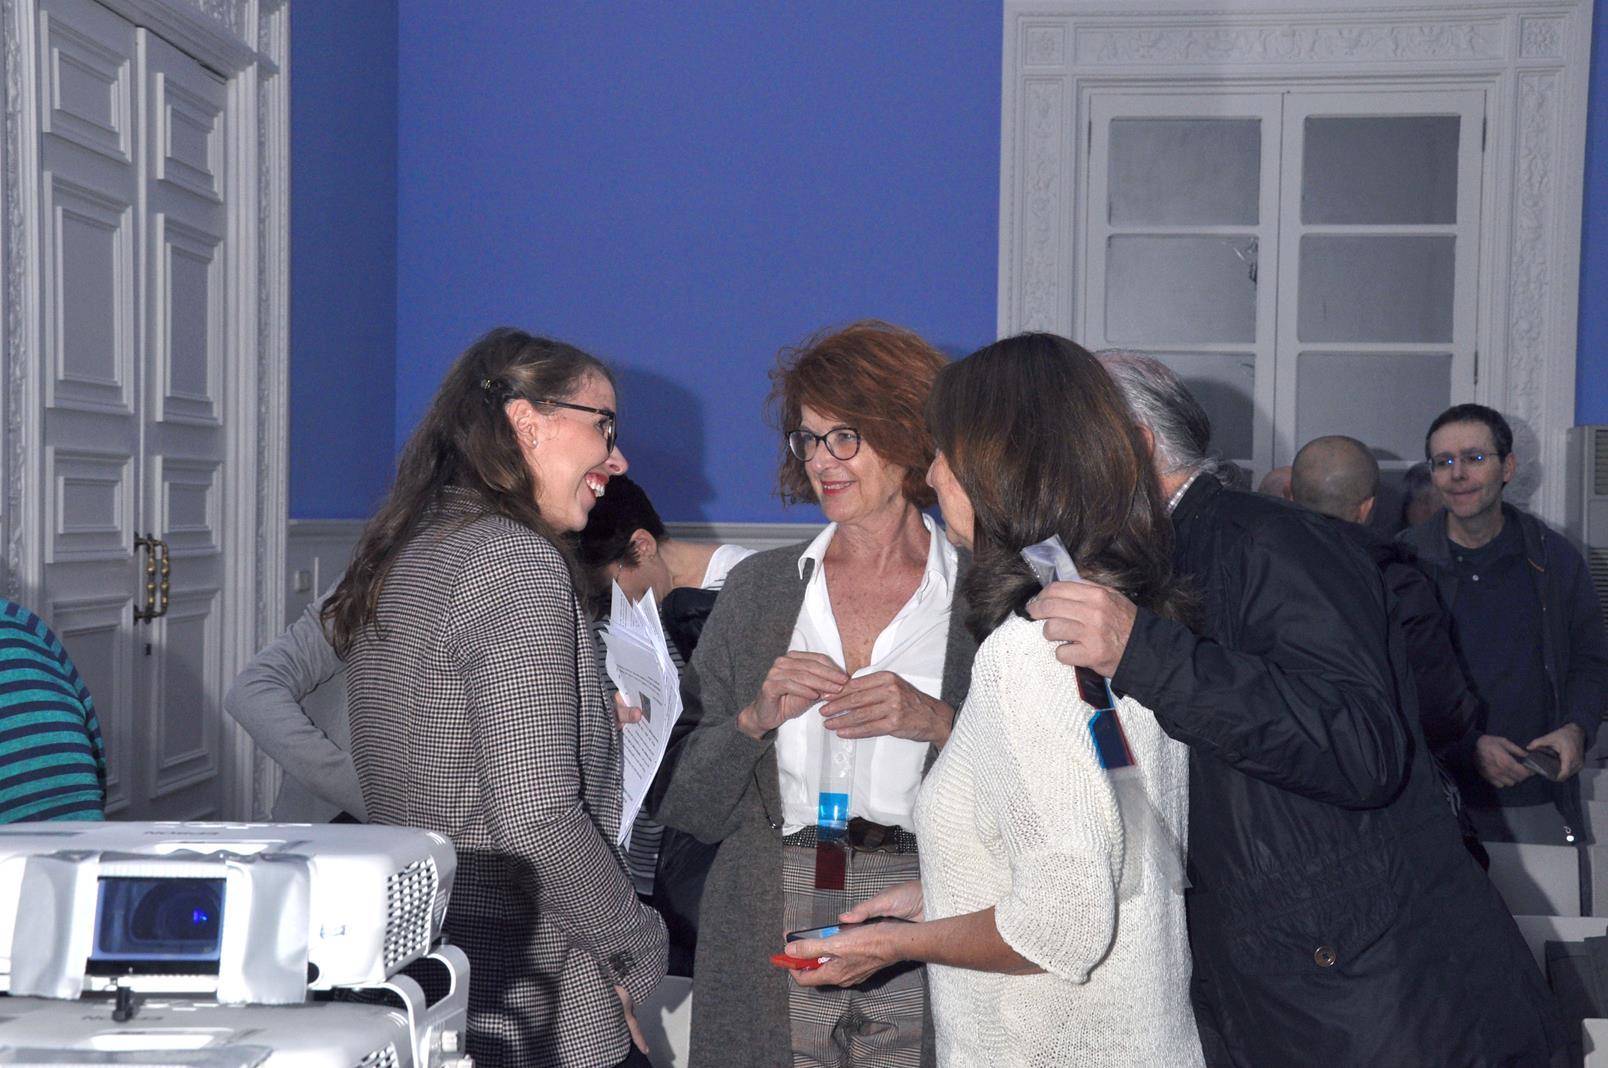 Stéphany Onphray, Rachel Bullough y Mª Teresa García Ballesteros. 23/10/19